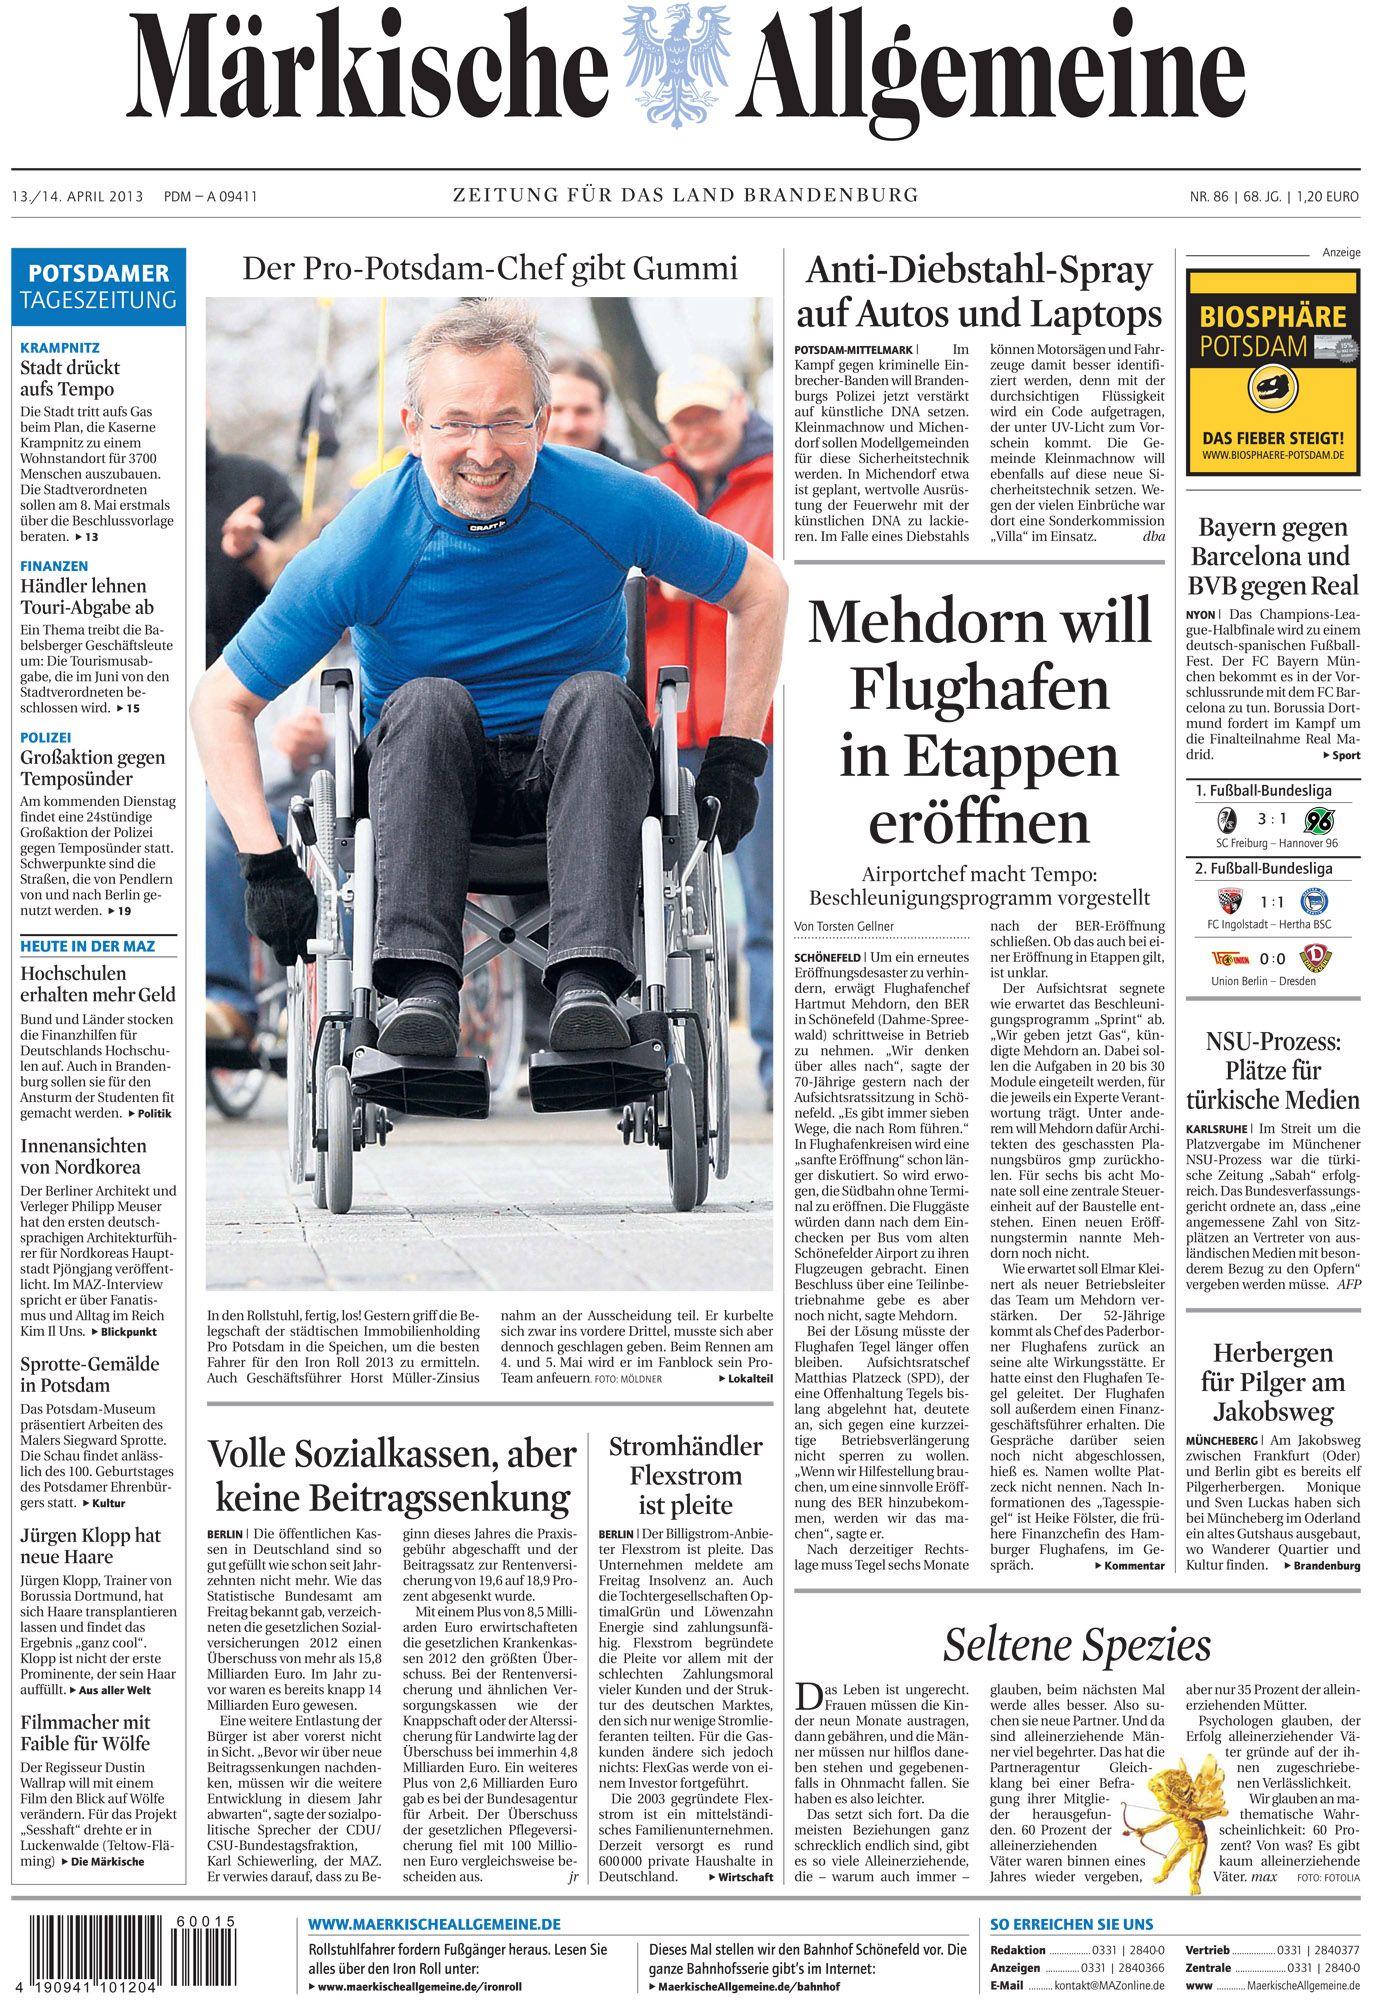 Samstag 13 April 2013 Auf Dem Land Brandenburg Allgemeine Zeitung